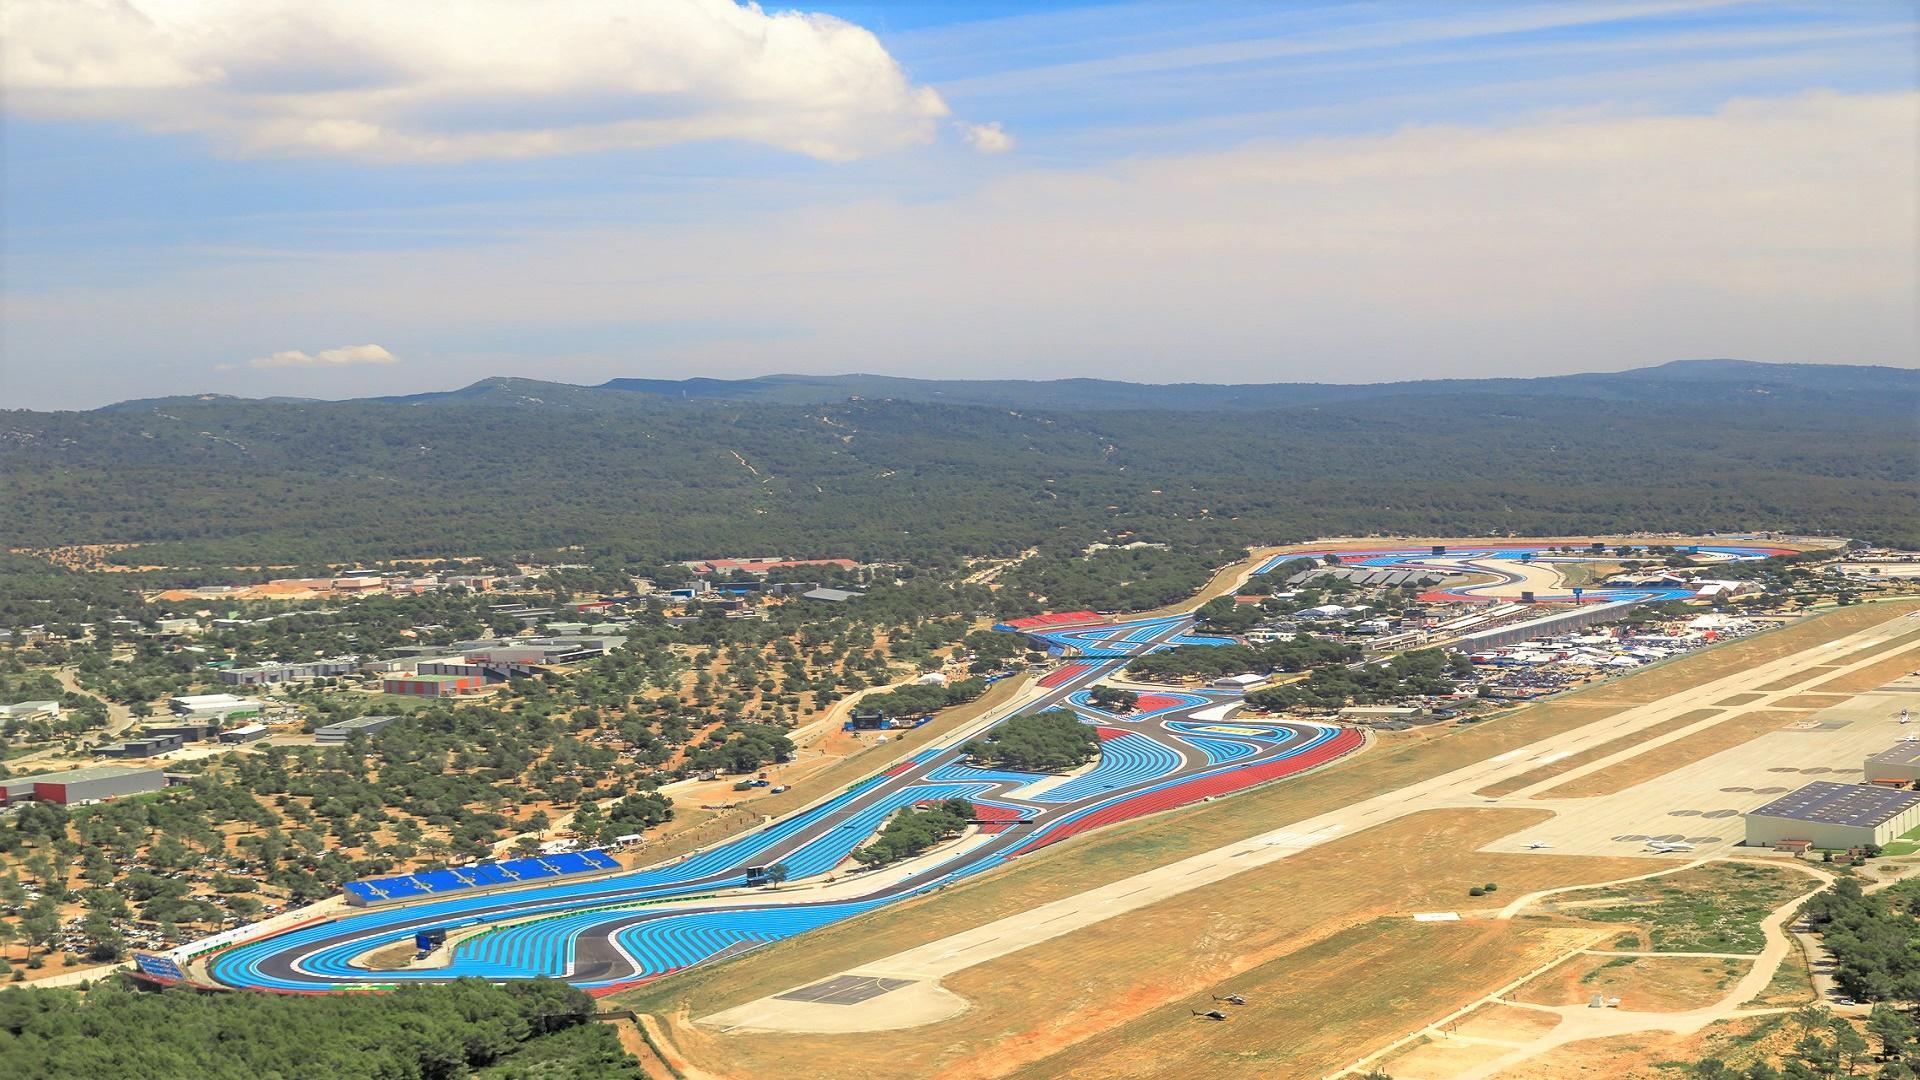 circuit-paul-ricard-le-castellet-provence-sud-france-incentive